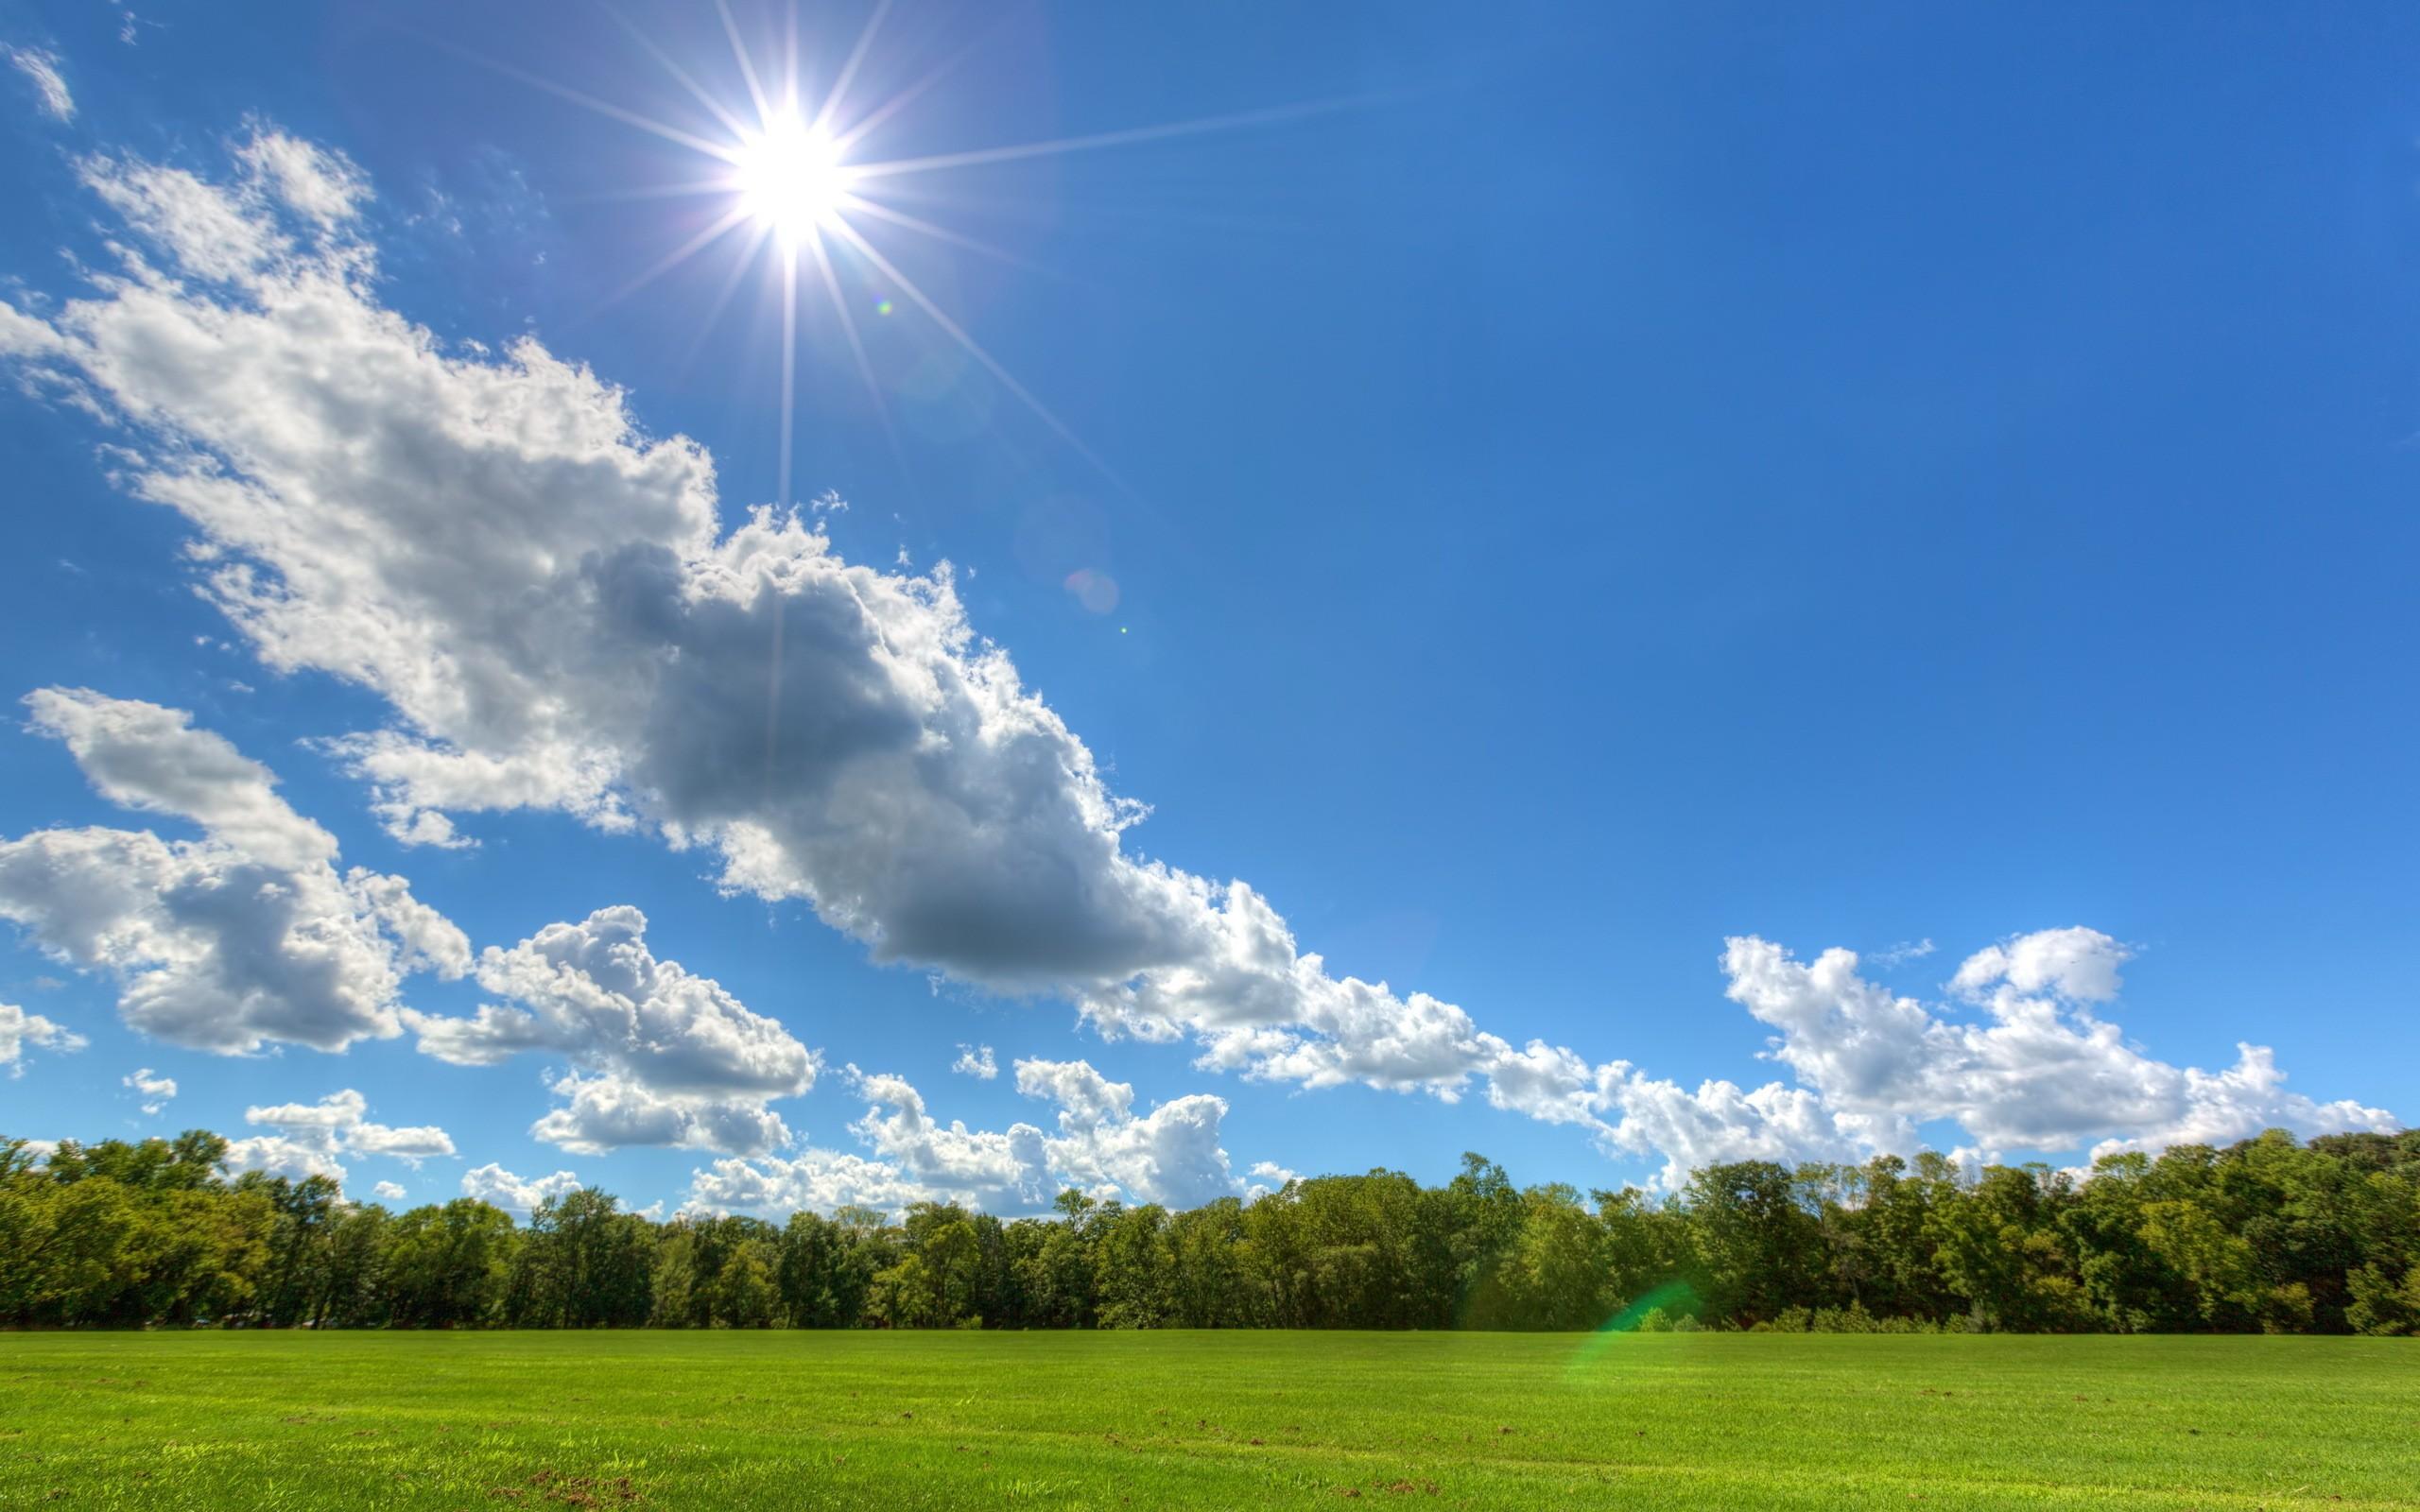 фото небо с облаками и солнцем листья листочки